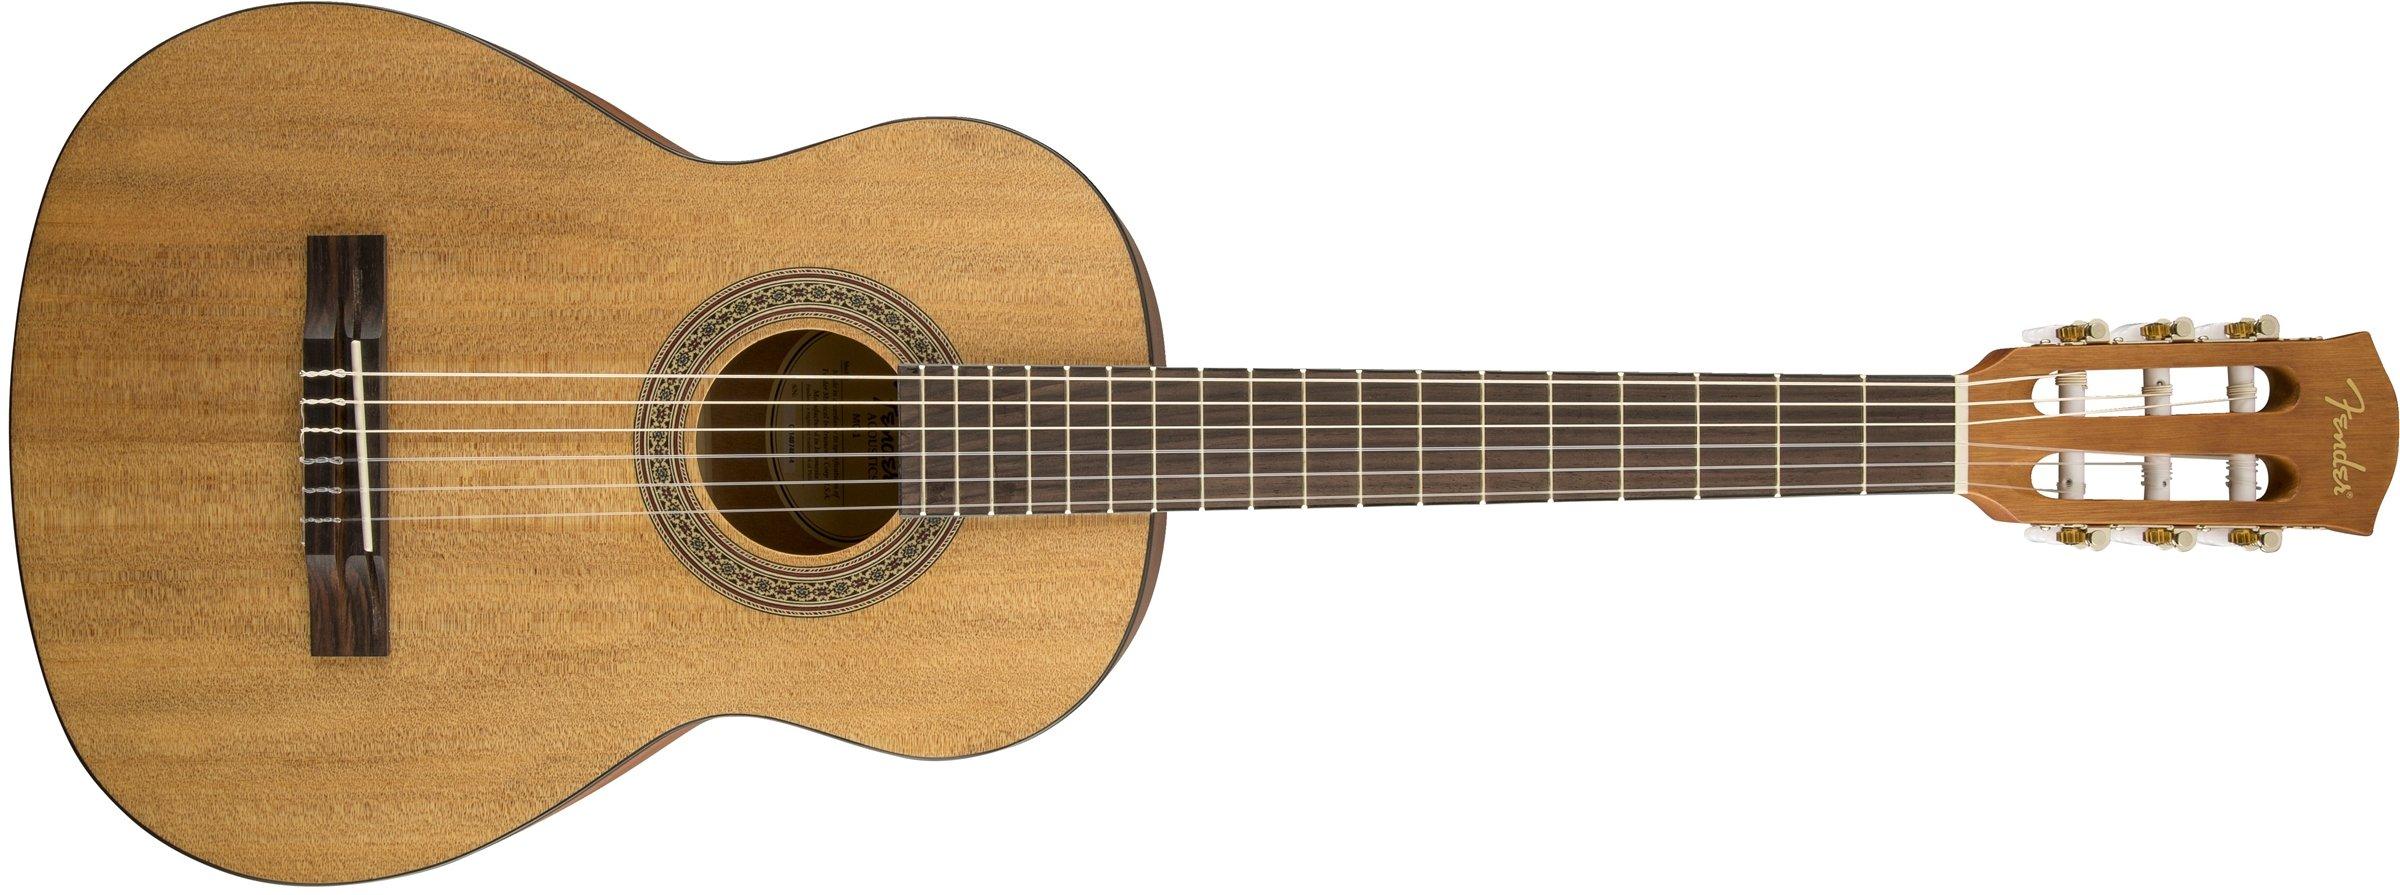 Fender Beginner Acoustic Guitar MC-1 ¾ Nylon String – Natural by Fender